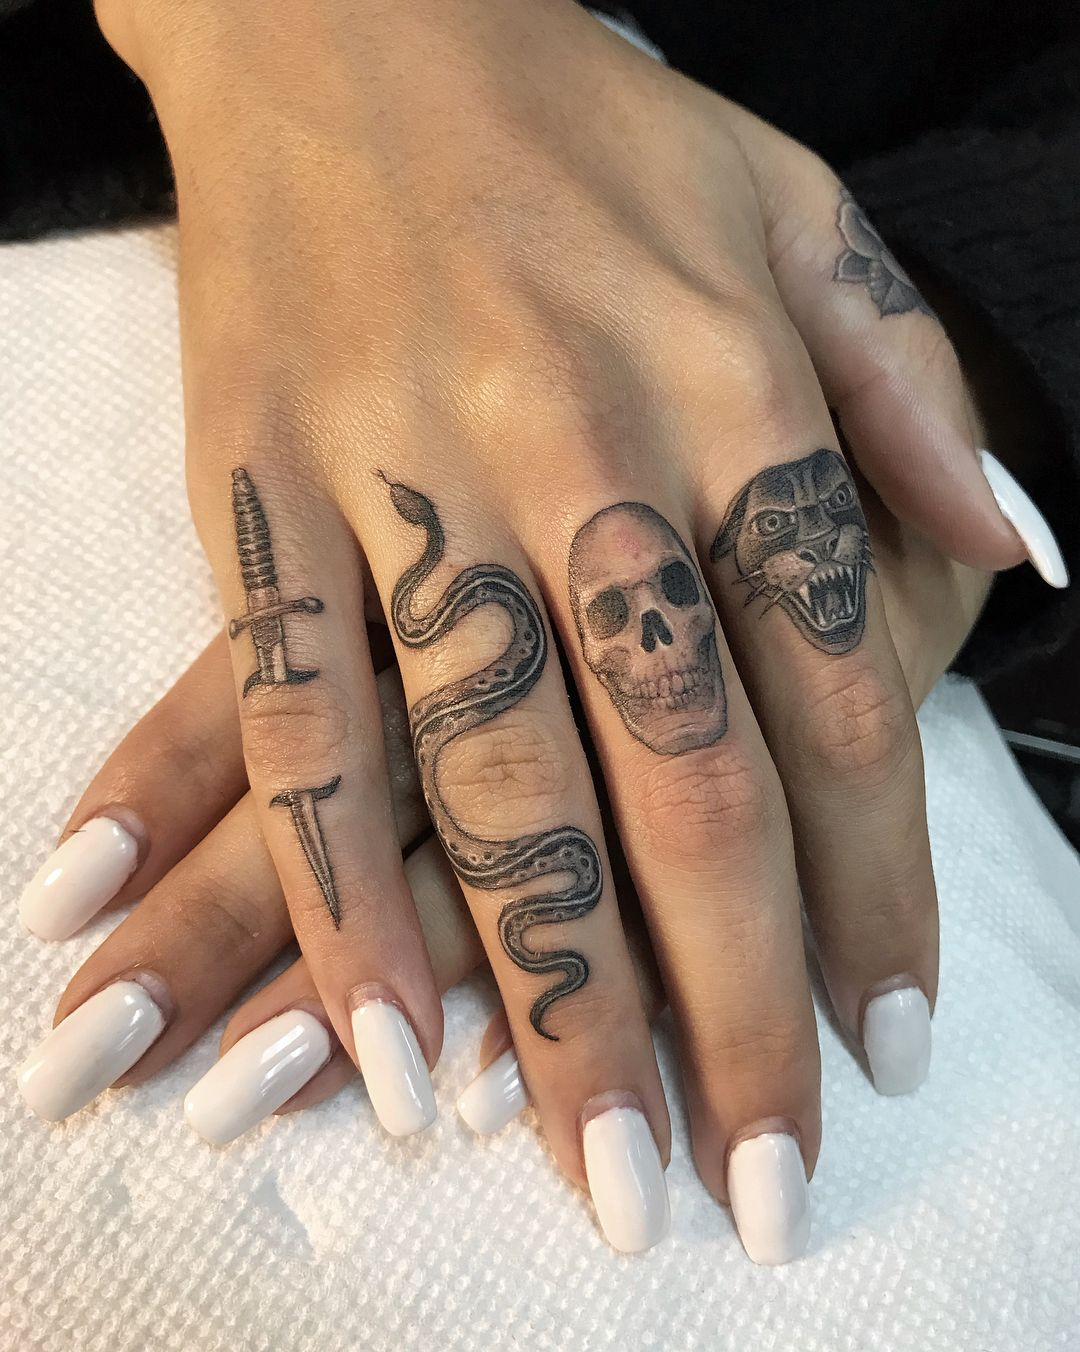 Snake Tattoos Tattoos Finger Tattoos Small Finger Tattoos